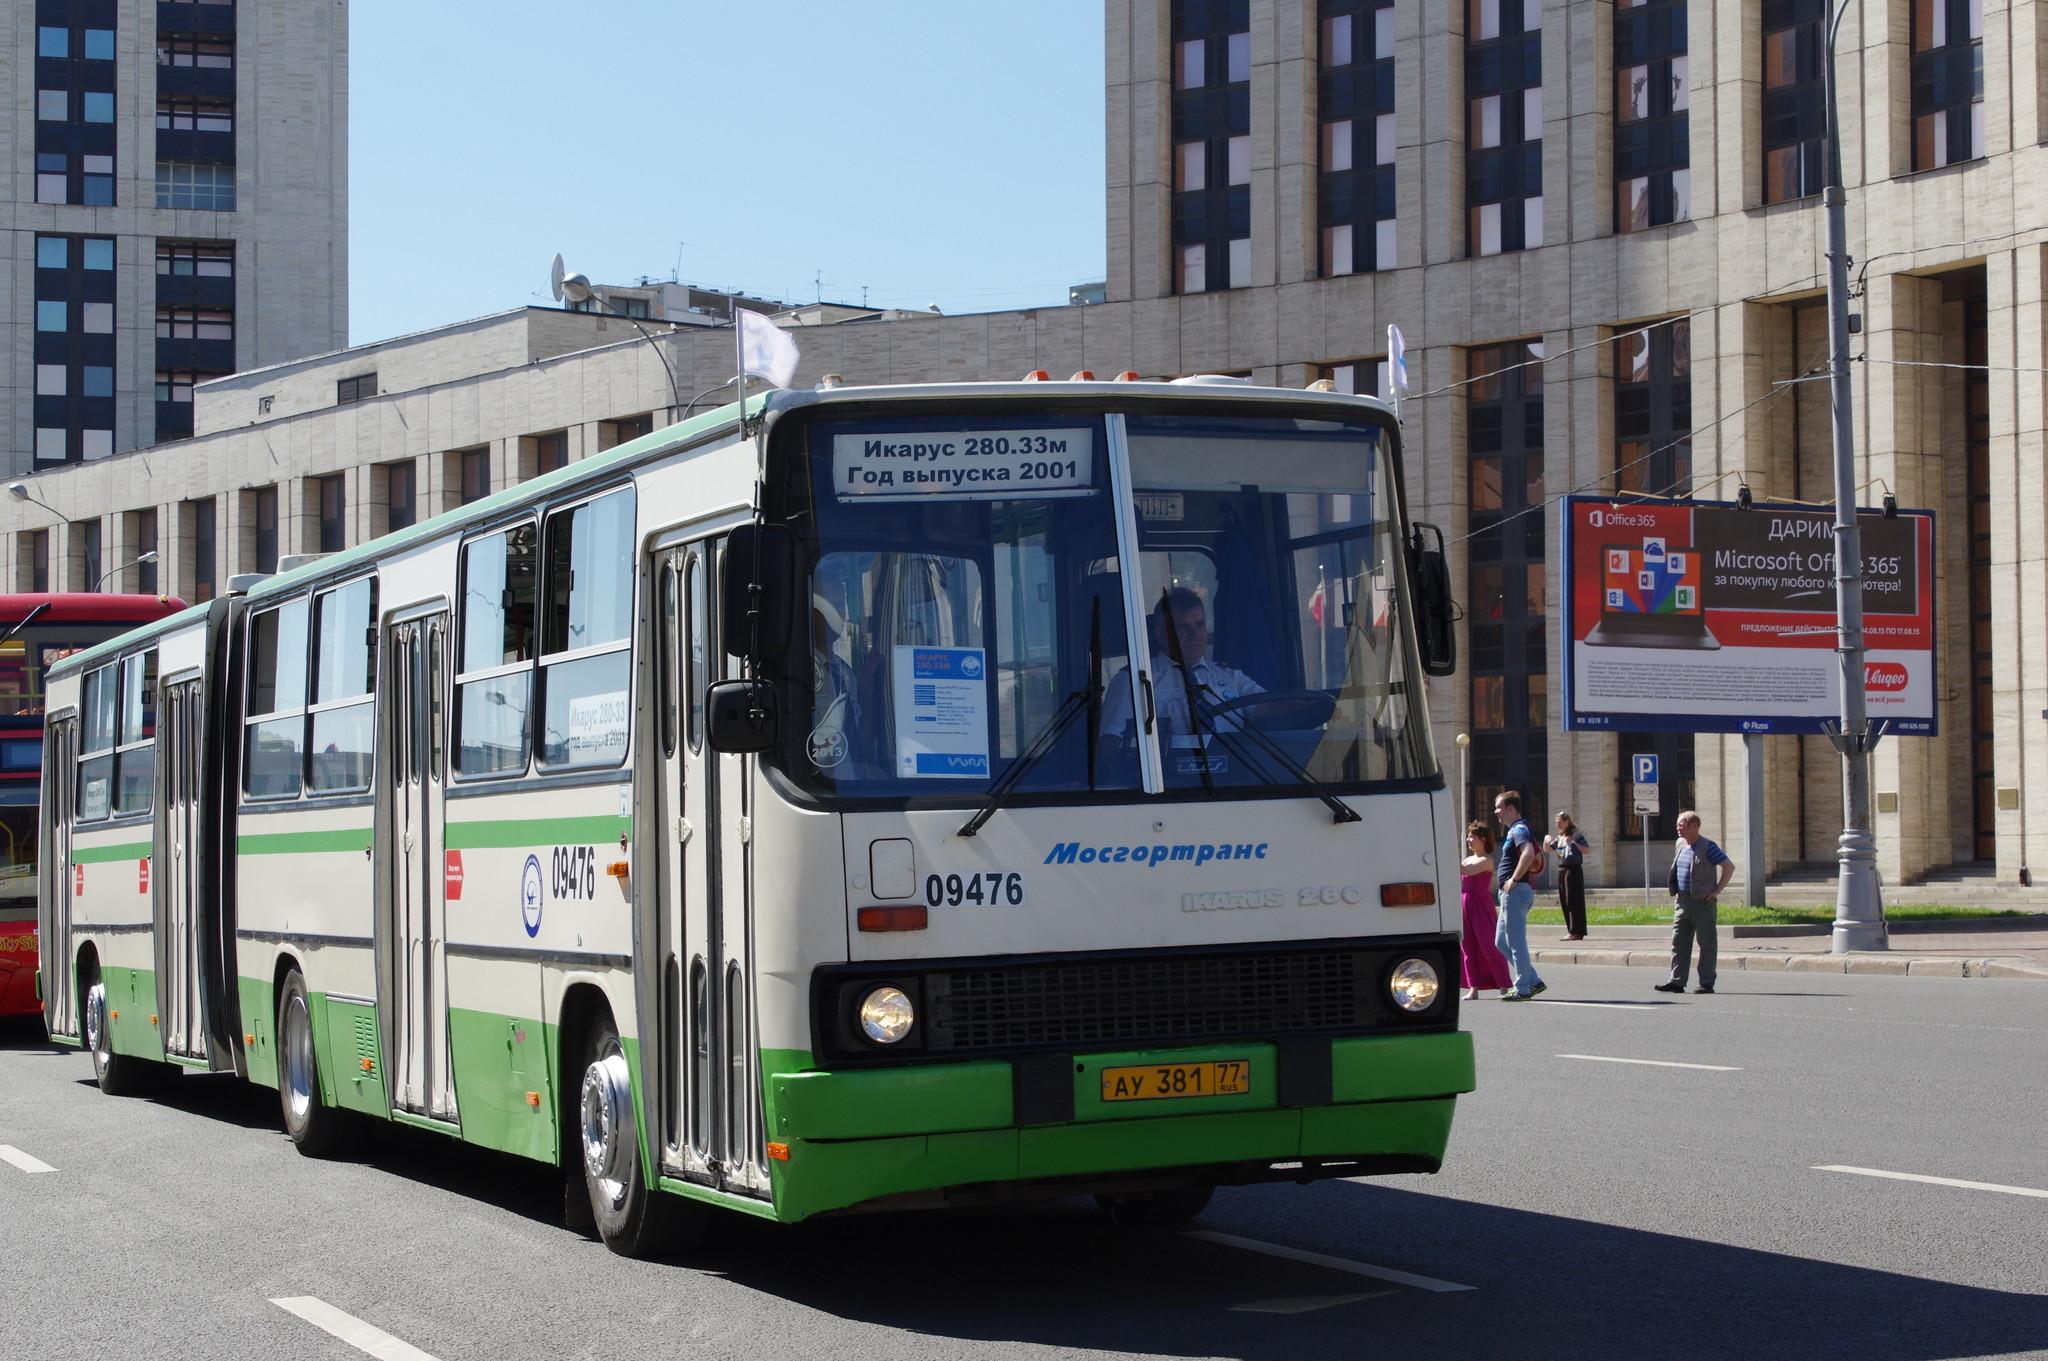 Автобус Икарус 280.33м. Год выпуска 2001